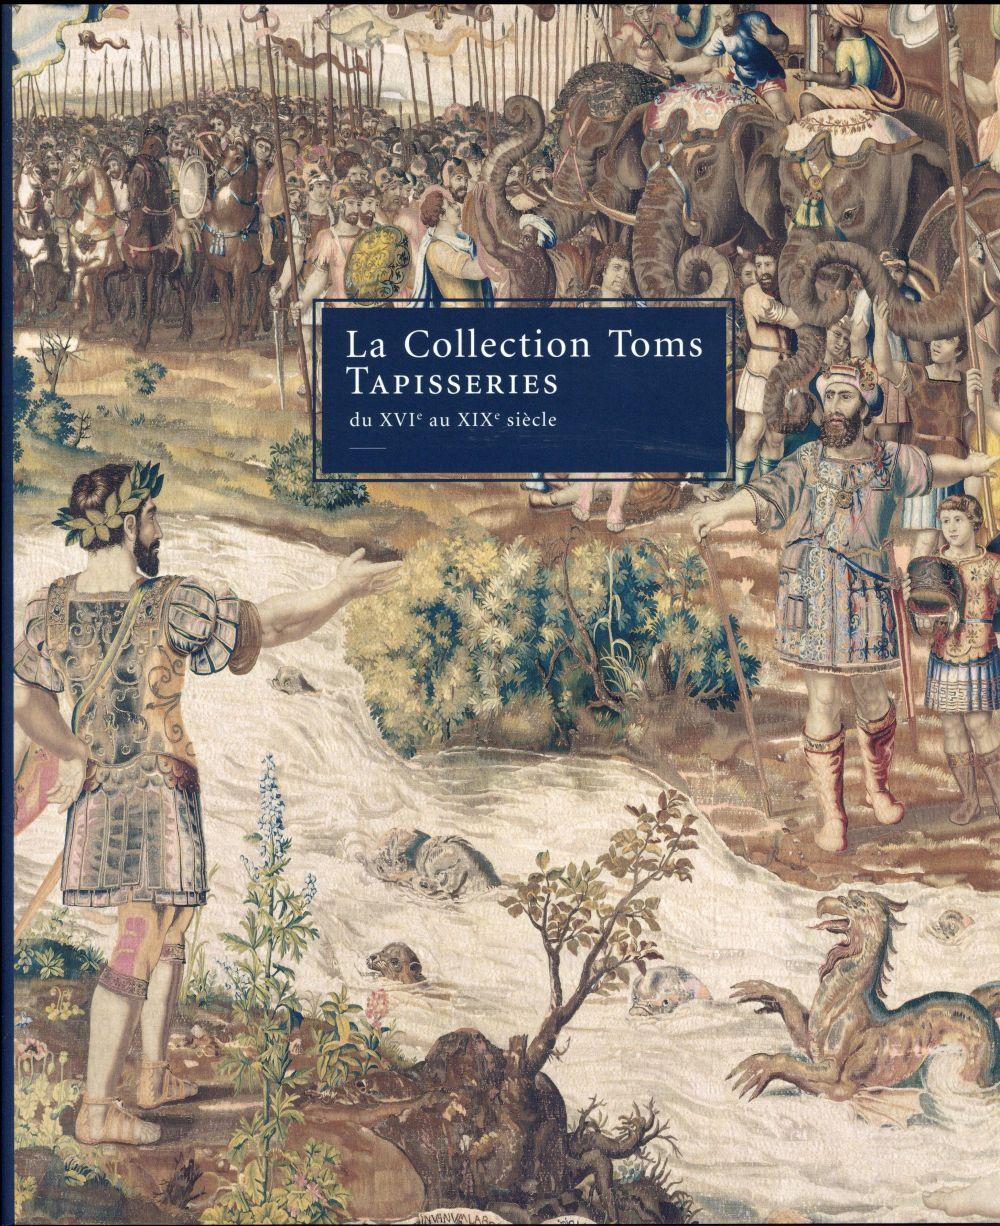 La collection Toms ; tapisseries du XVIe au XIXe siècle